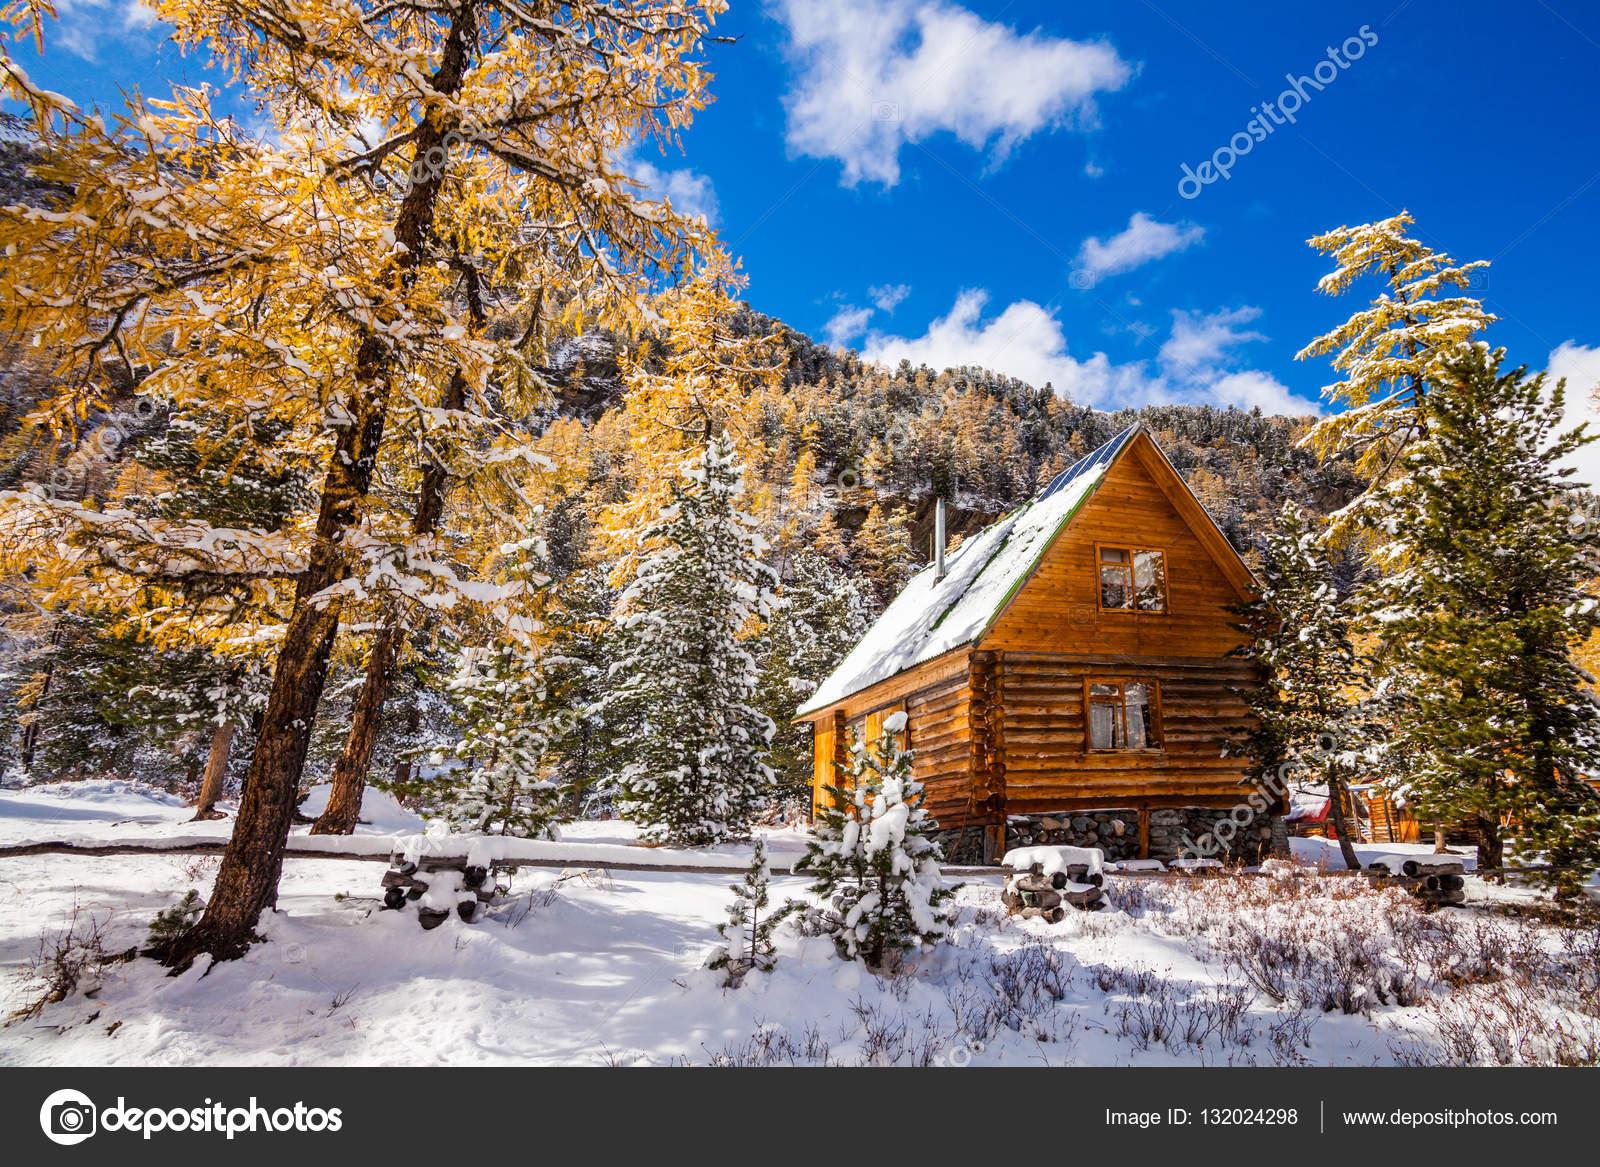 Fondos de pantalla caba as de invierno caba a bajo la nieve en el bosque de invierno foto de - Cabana invierno ...